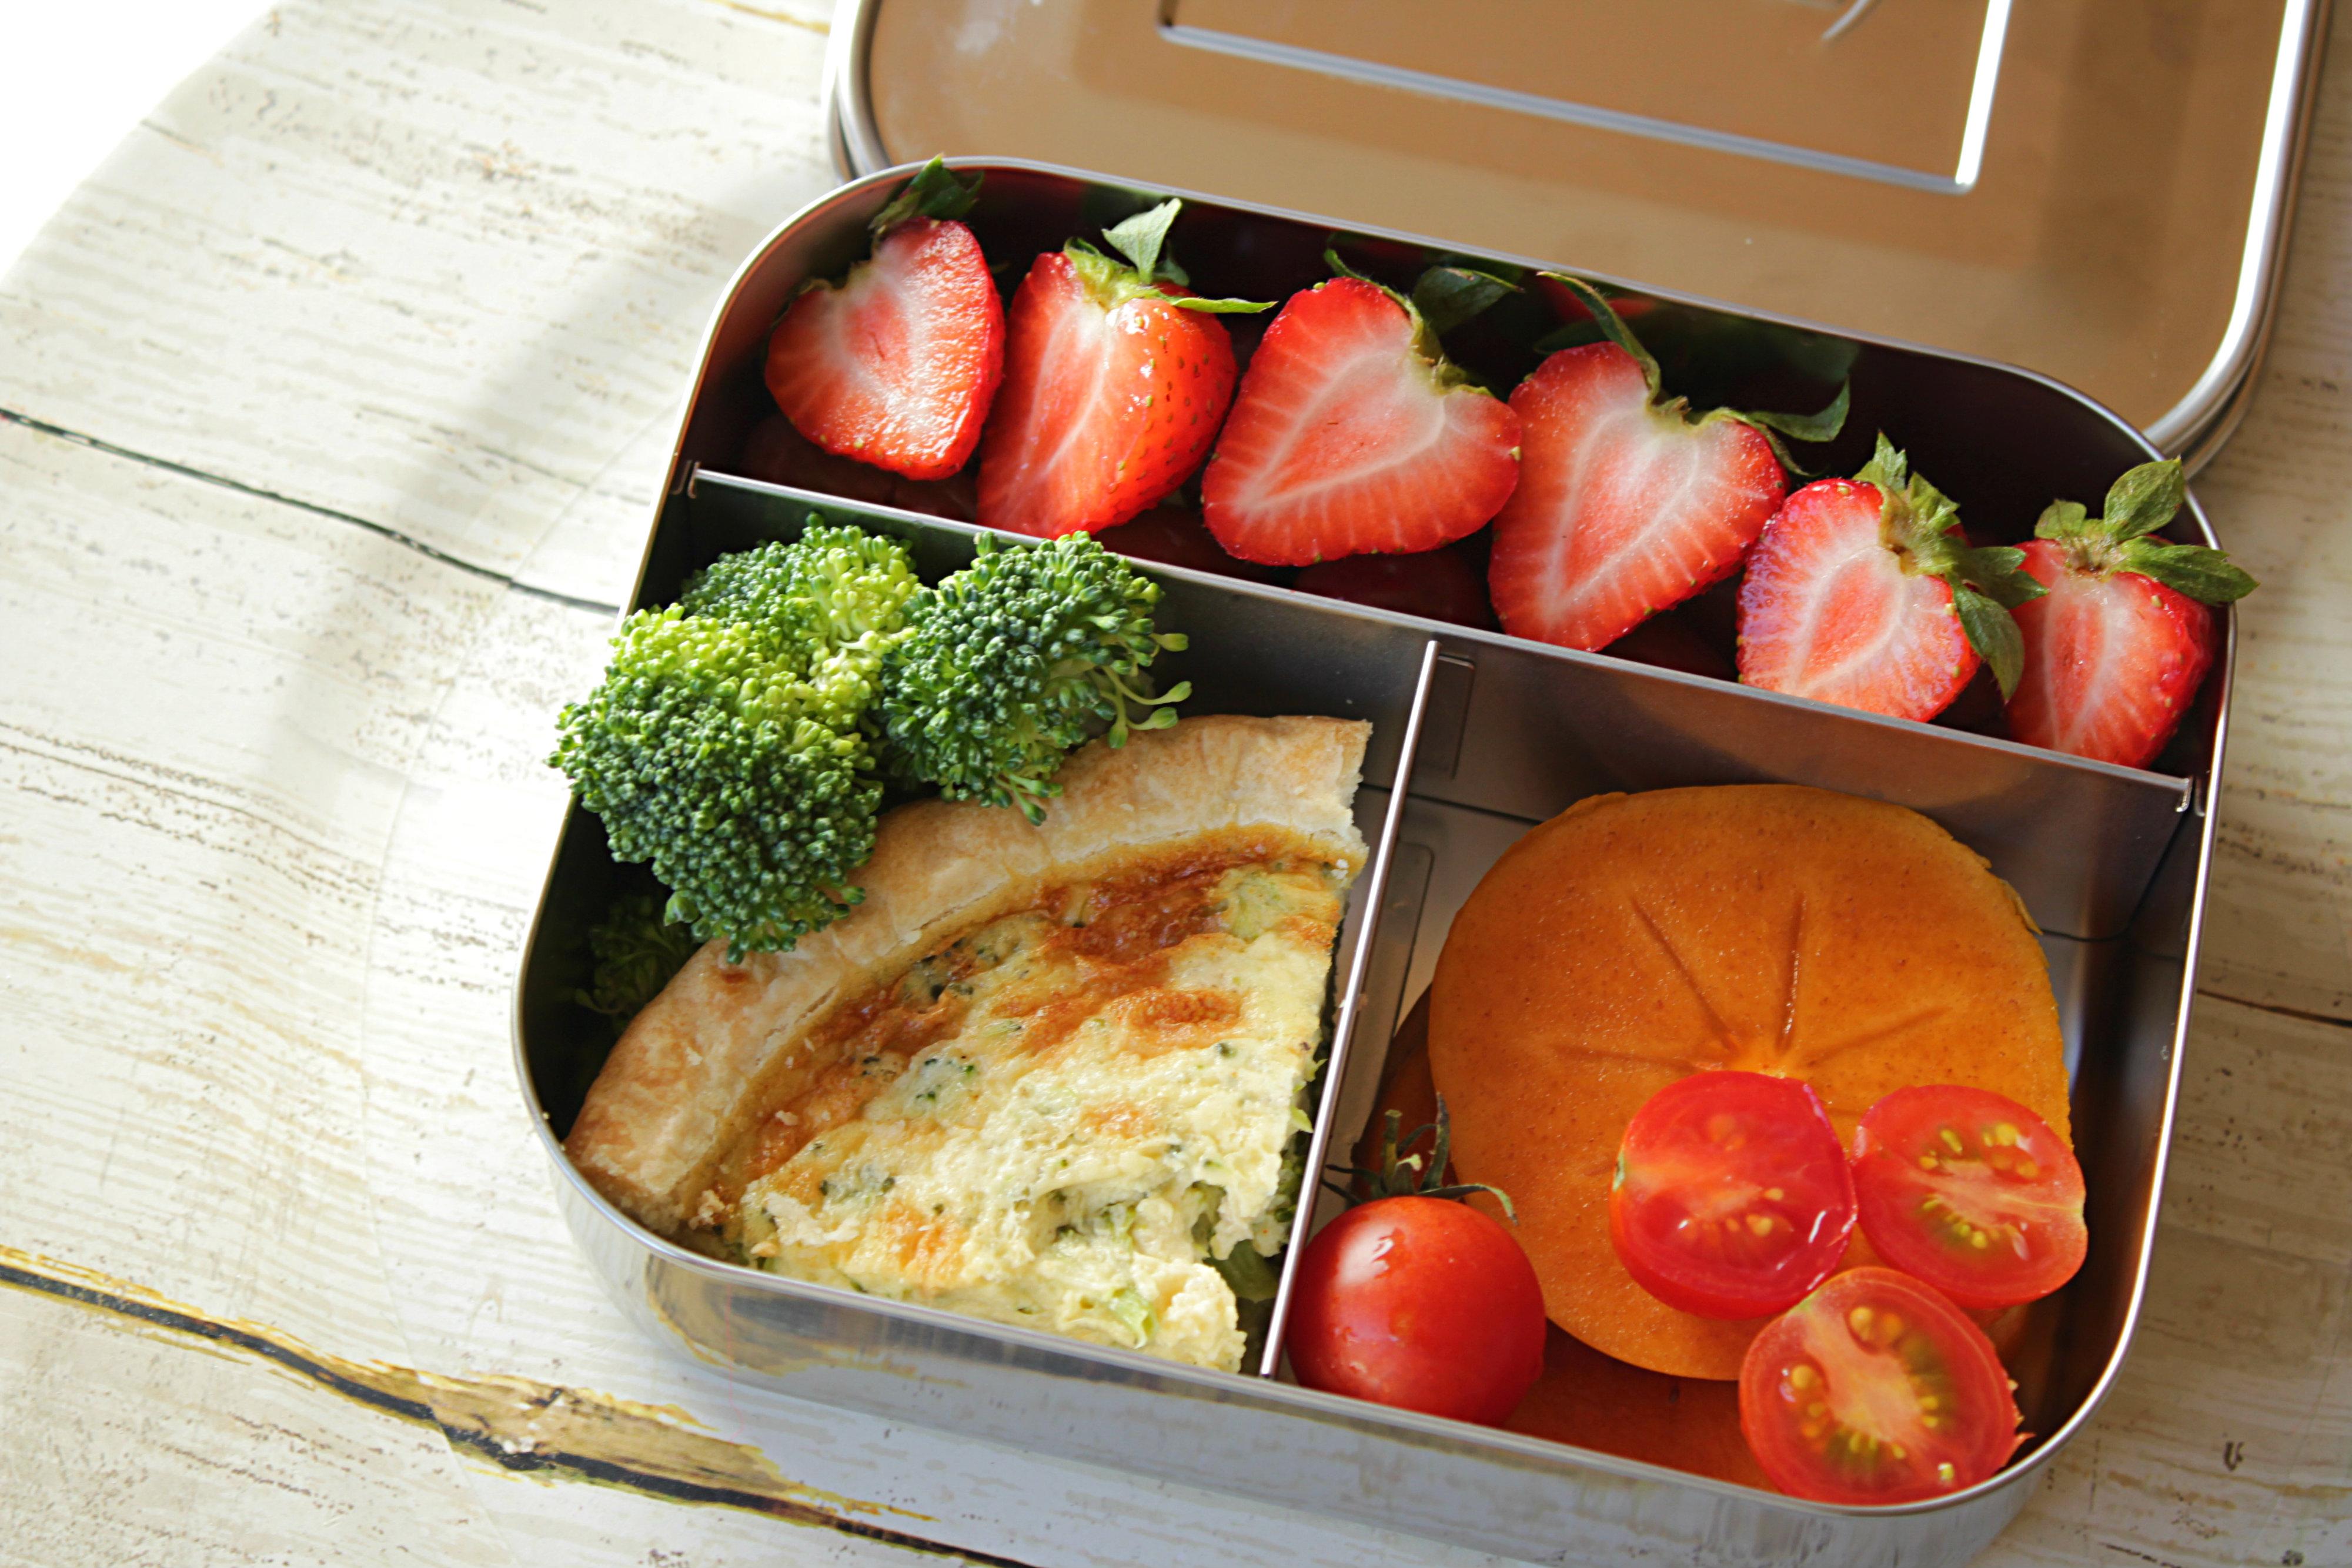 Kids Bento Box Lunch Ideas: Quiche, grapes, strawberries, persimmon, broccoli, cherry tomato